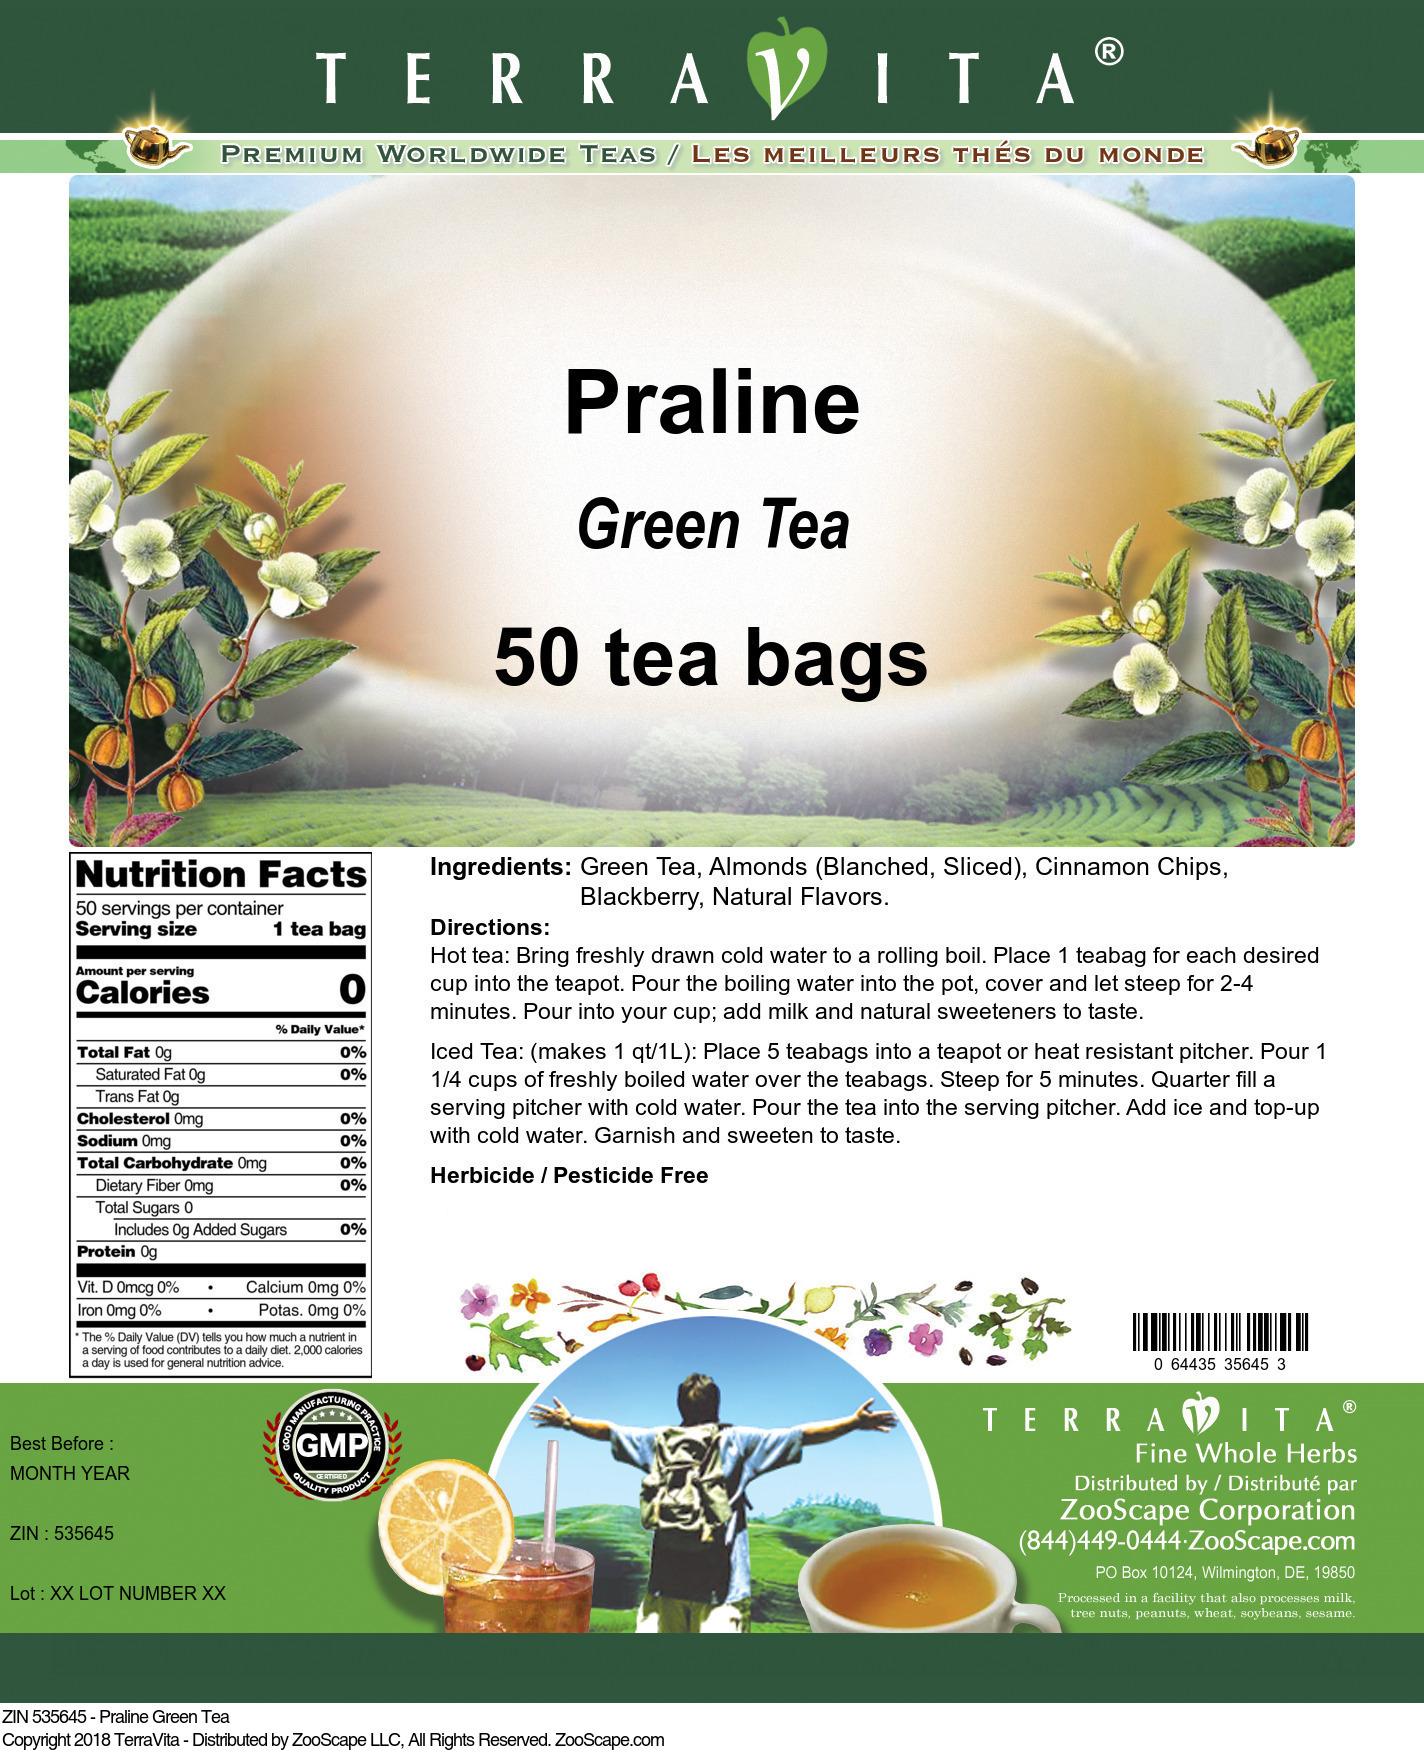 Praline Green Tea